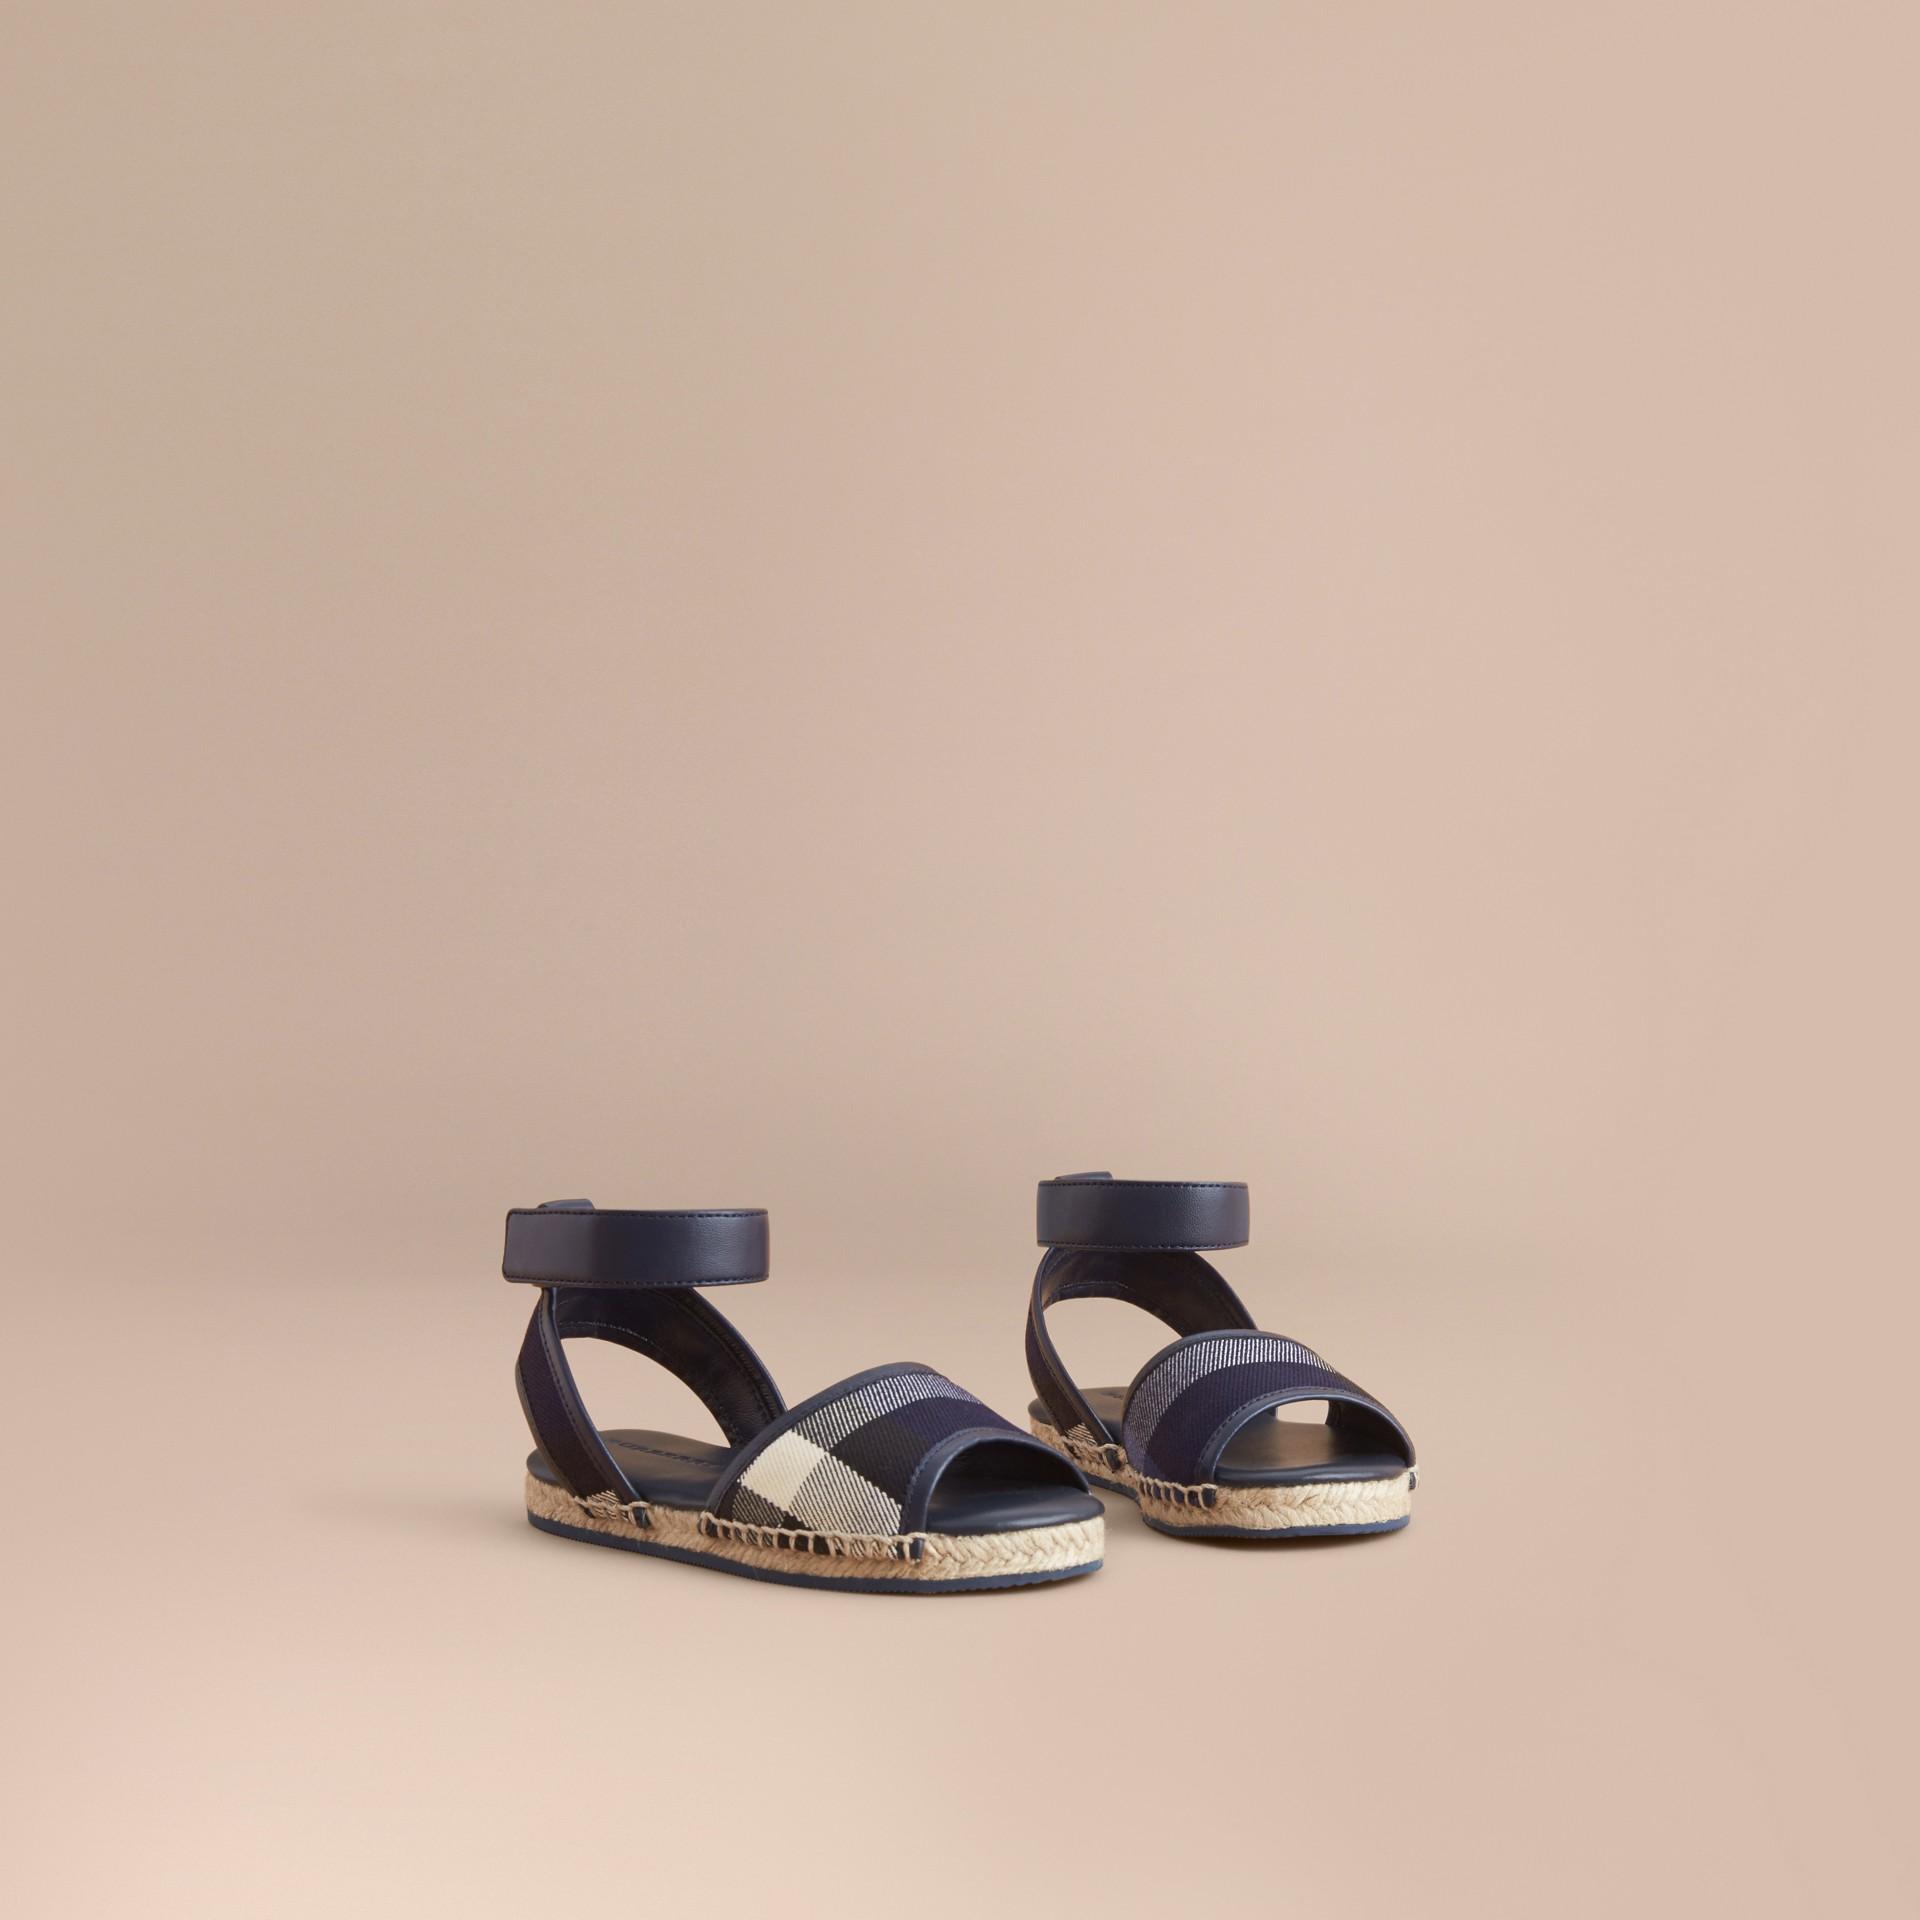 Sandálias estilo espadrilles em House Check com tira de couro (Safira Intenso) | Burberry - galeria de imagens 1